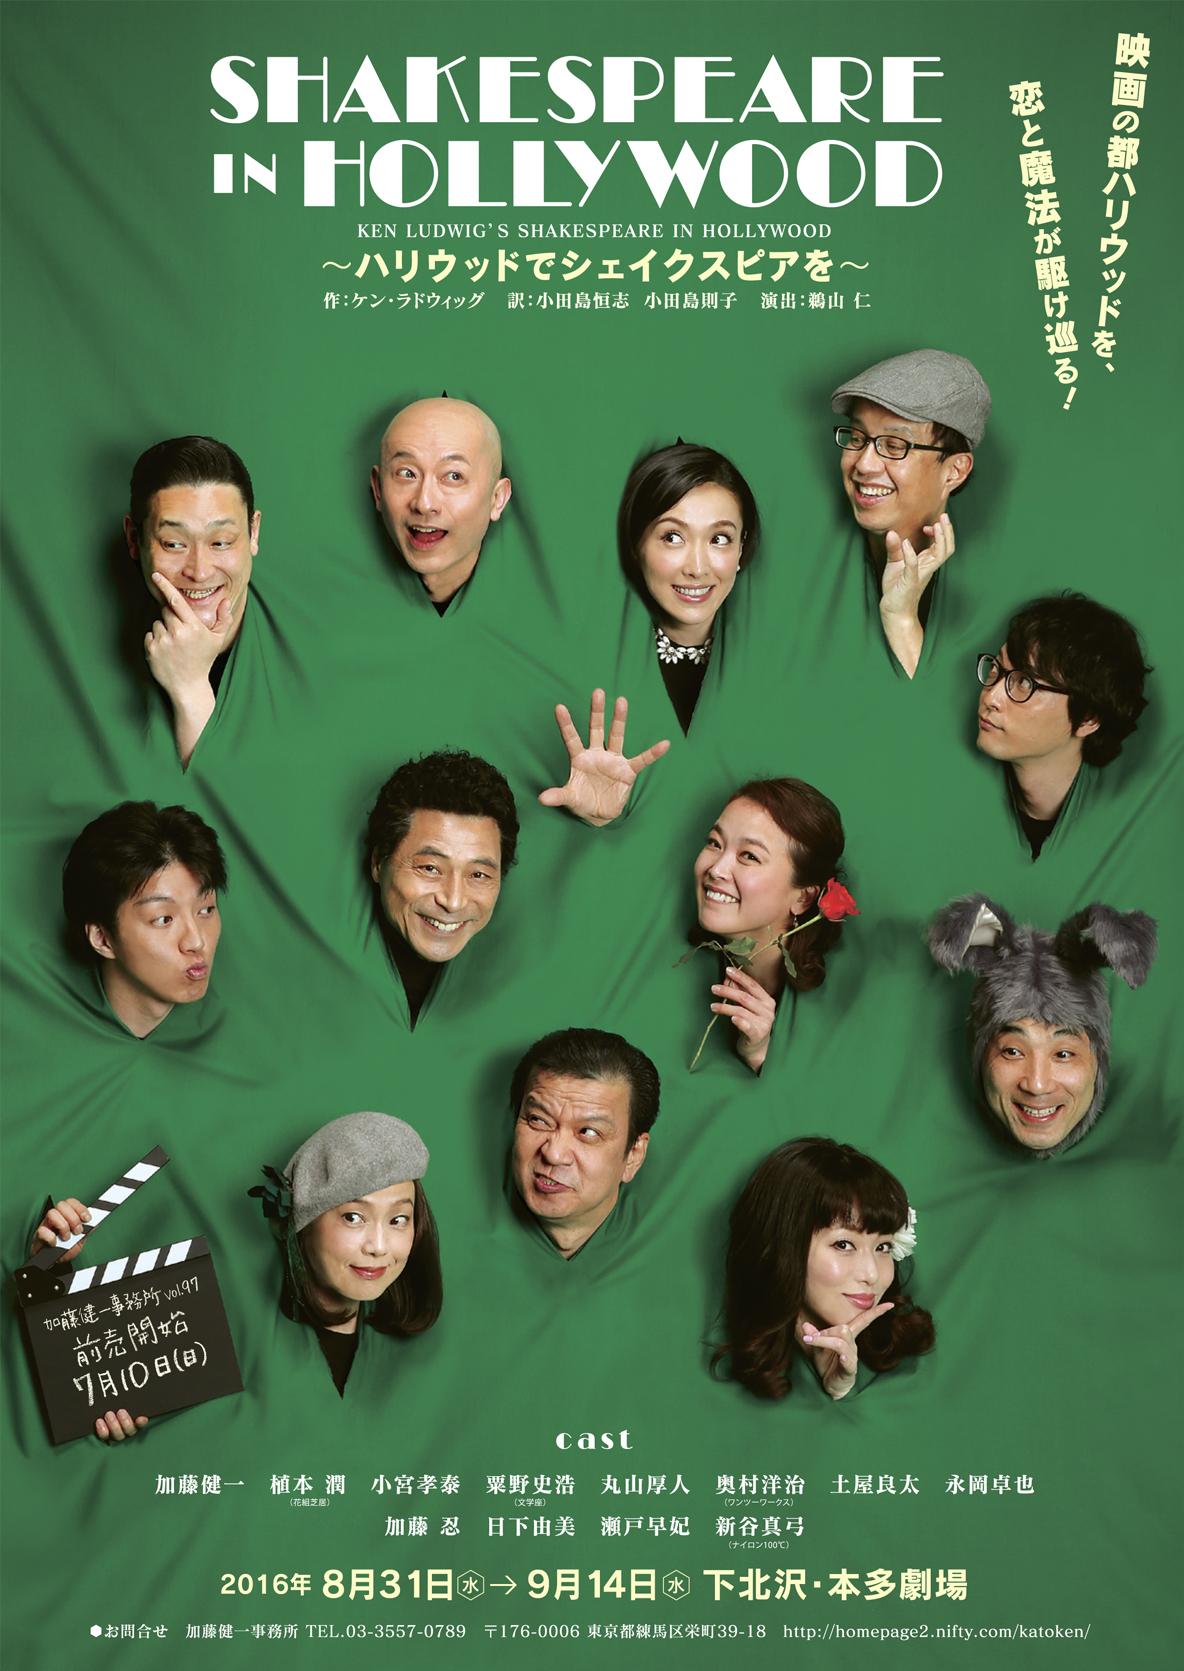 加藤健一事務所公演『SHAKESPEARE IN HOLLYWOOD──ハリウッドでシェイクスピアを』のチラシ。